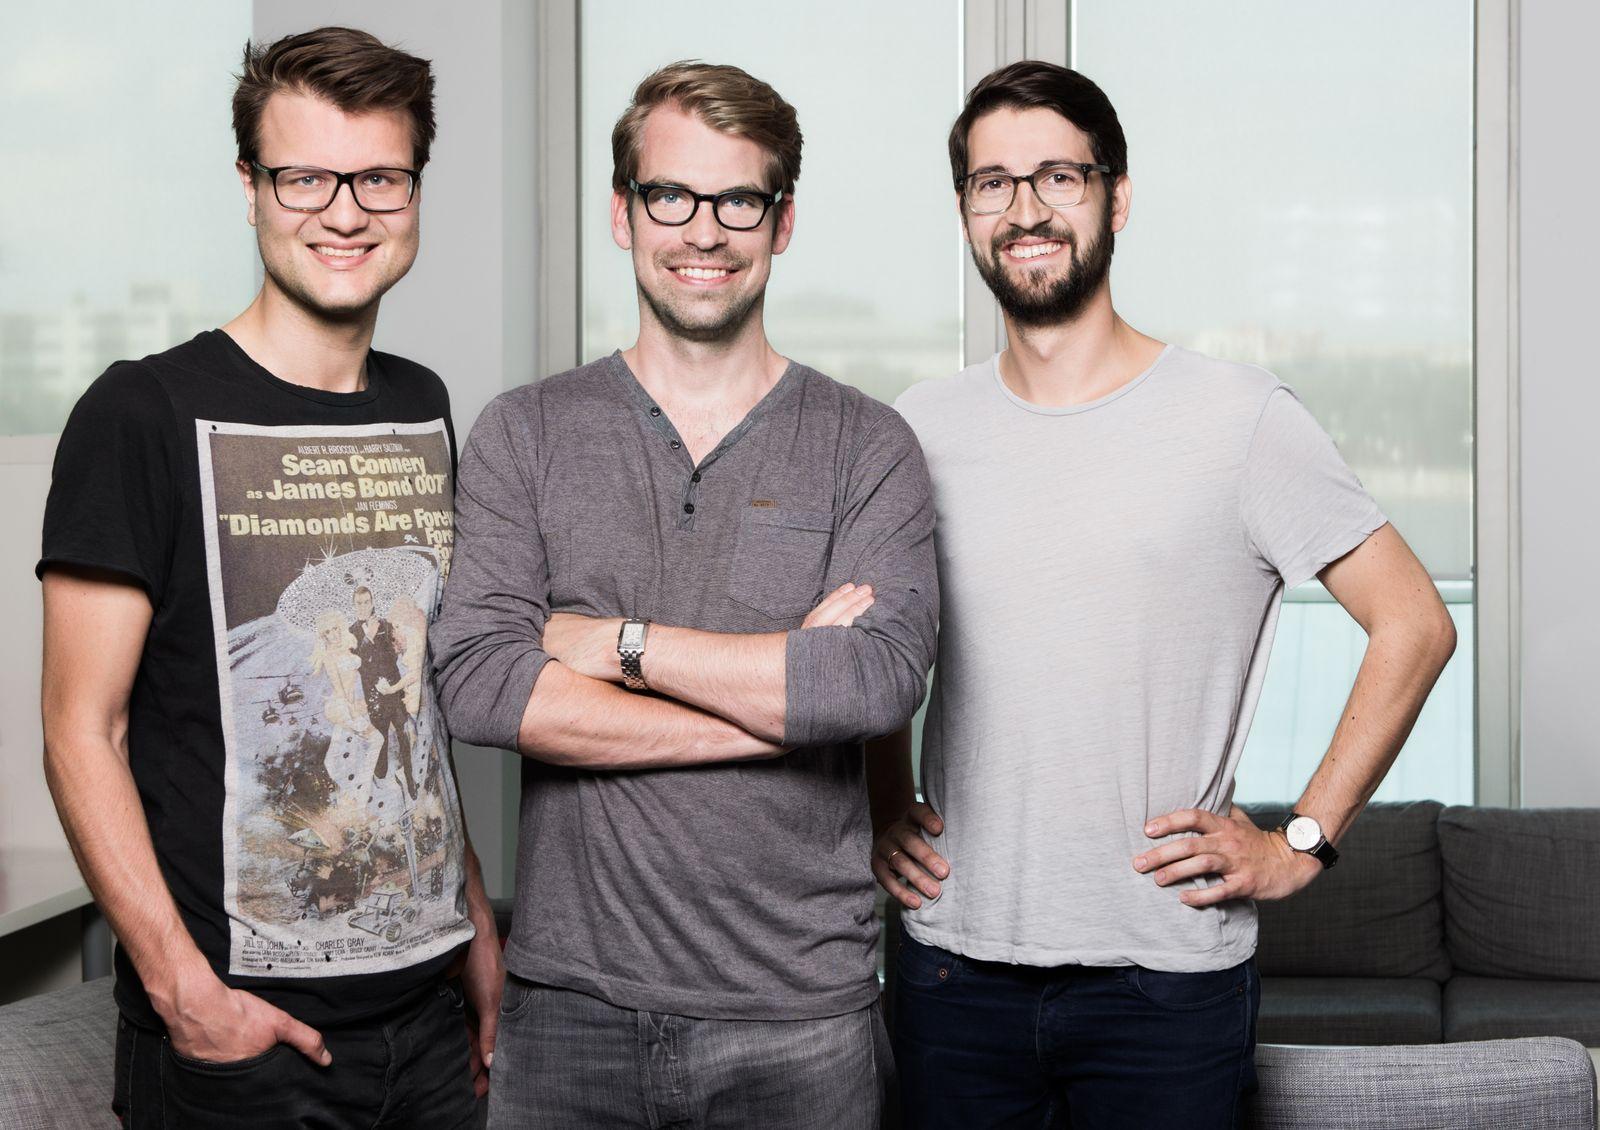 Richard Schwenke / Frederick Roehder / Tobias Tschötsch